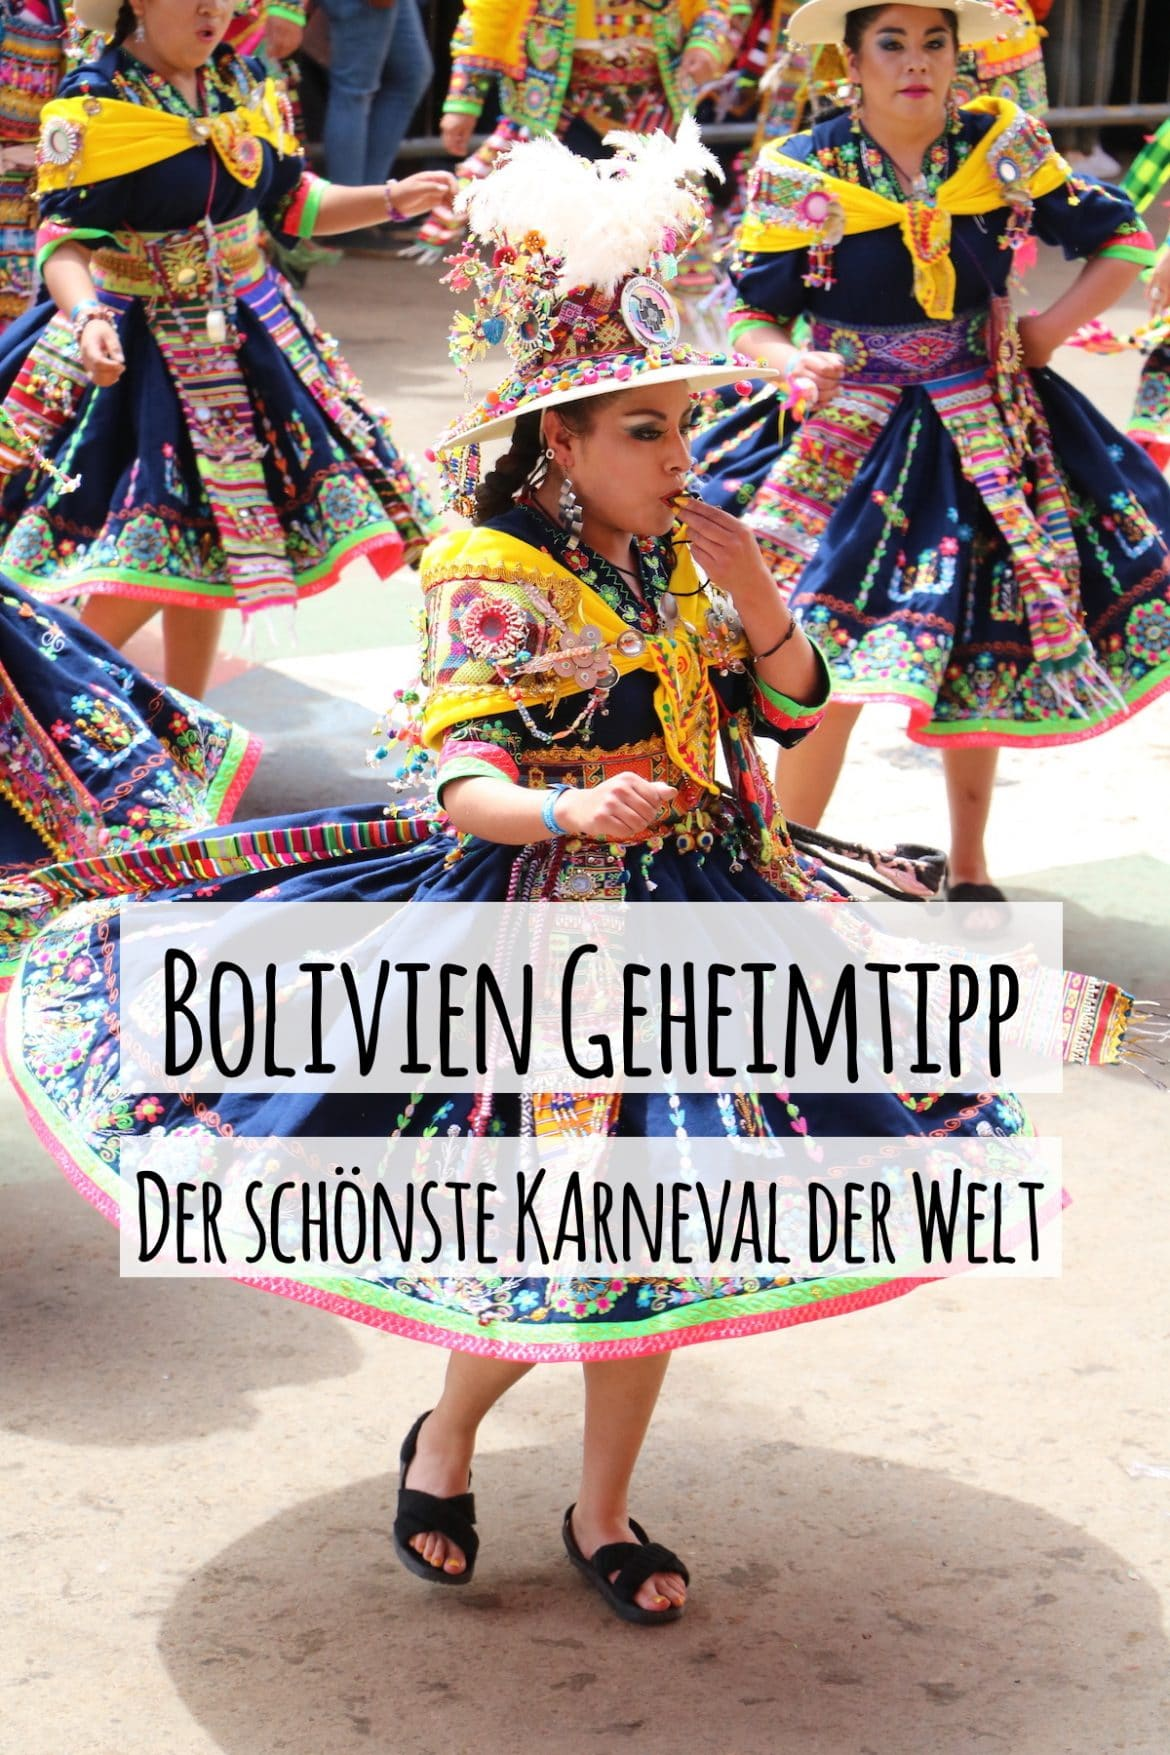 Der schönste Karneval der Welt - ein Bolivien Geheimtipp von PASSENGER X